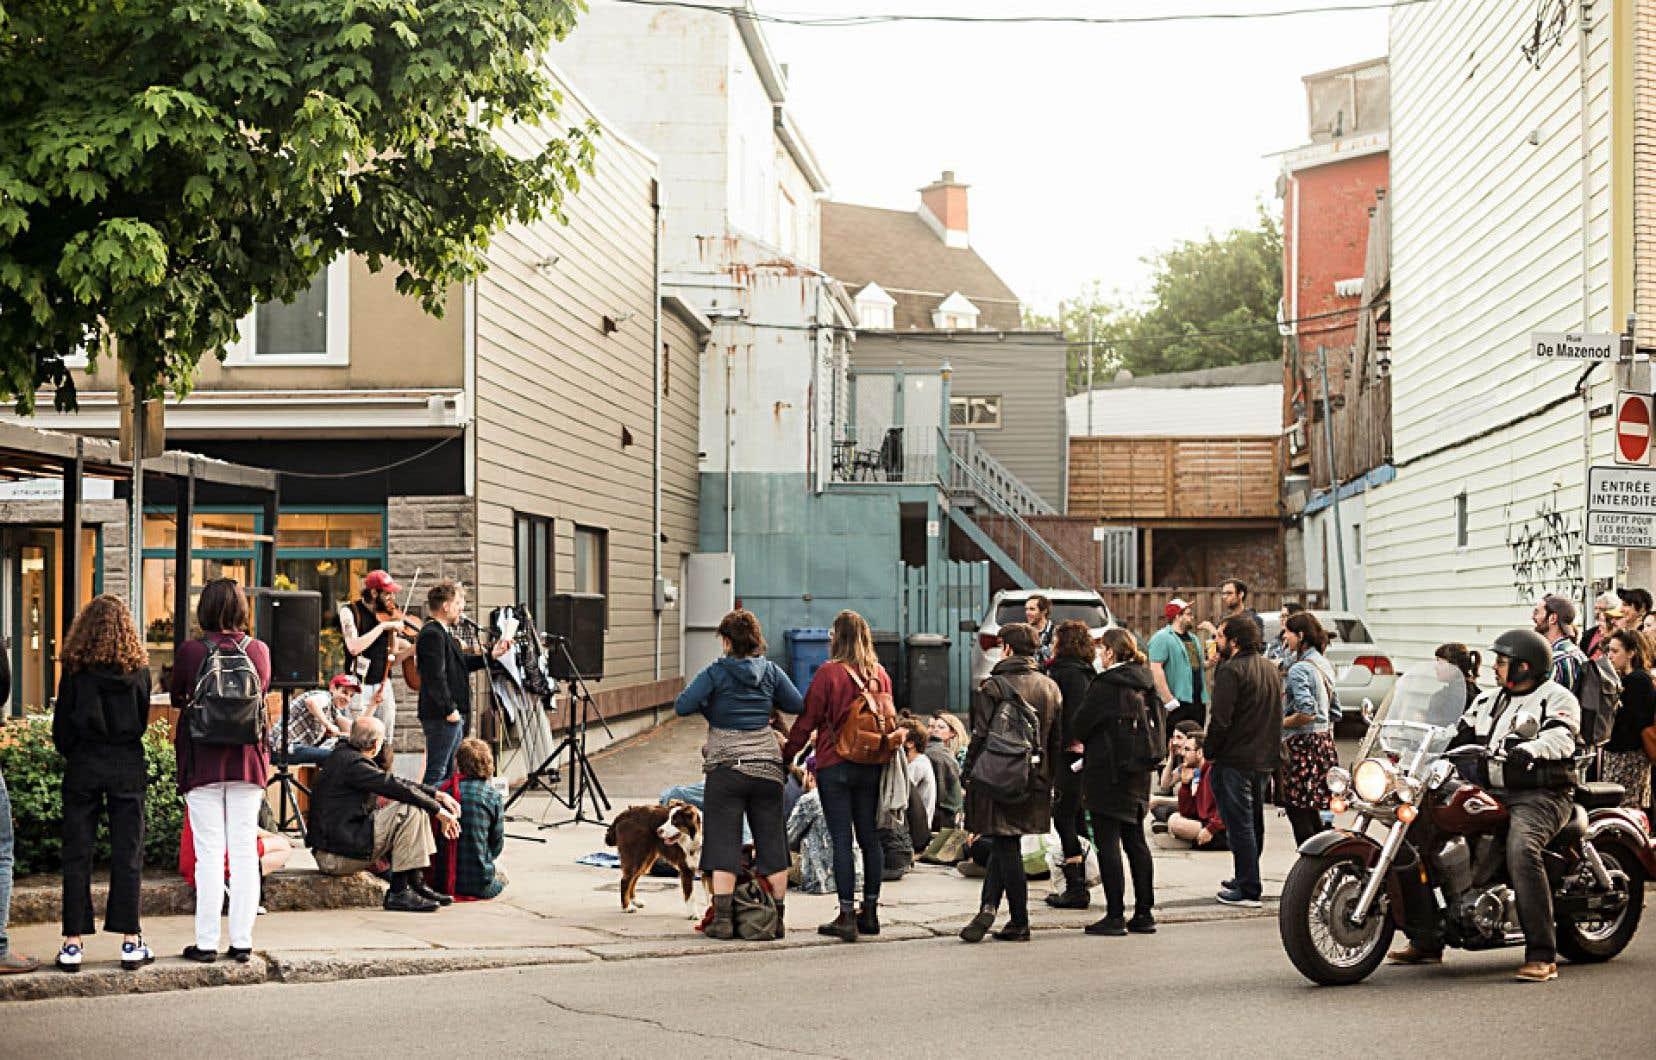 Après avoir pris racine rue Beaubien à Montréal, le festival-boutique multidisciplinaire SOIR a récemment inauguré avec succès une édition à Québec.